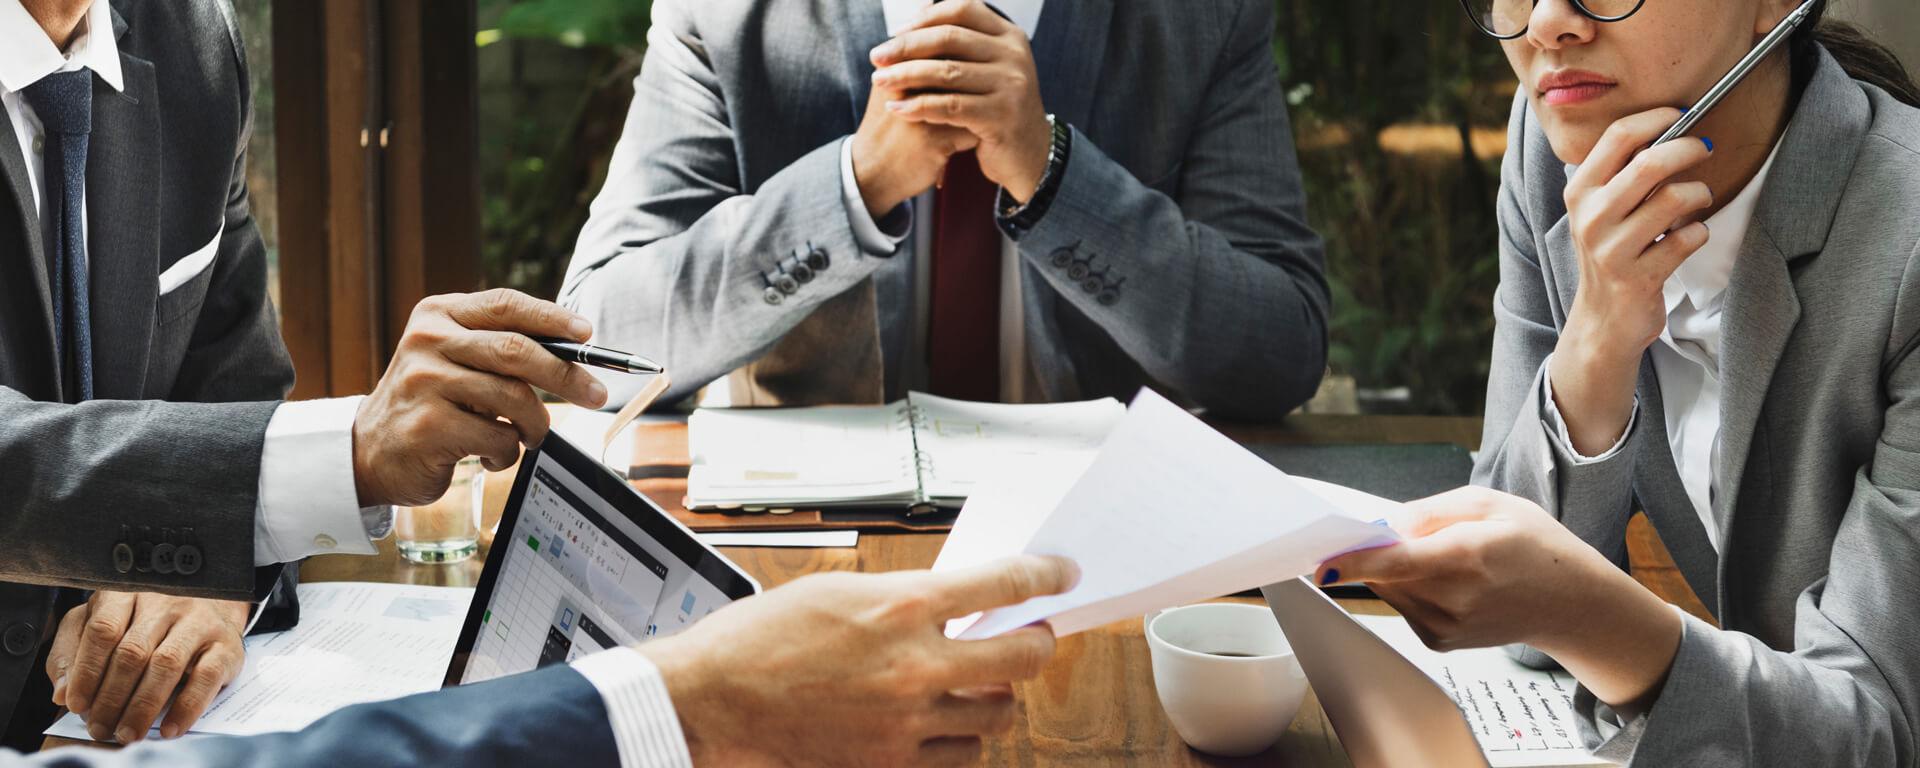 Conseil en gestion et prévention des risques